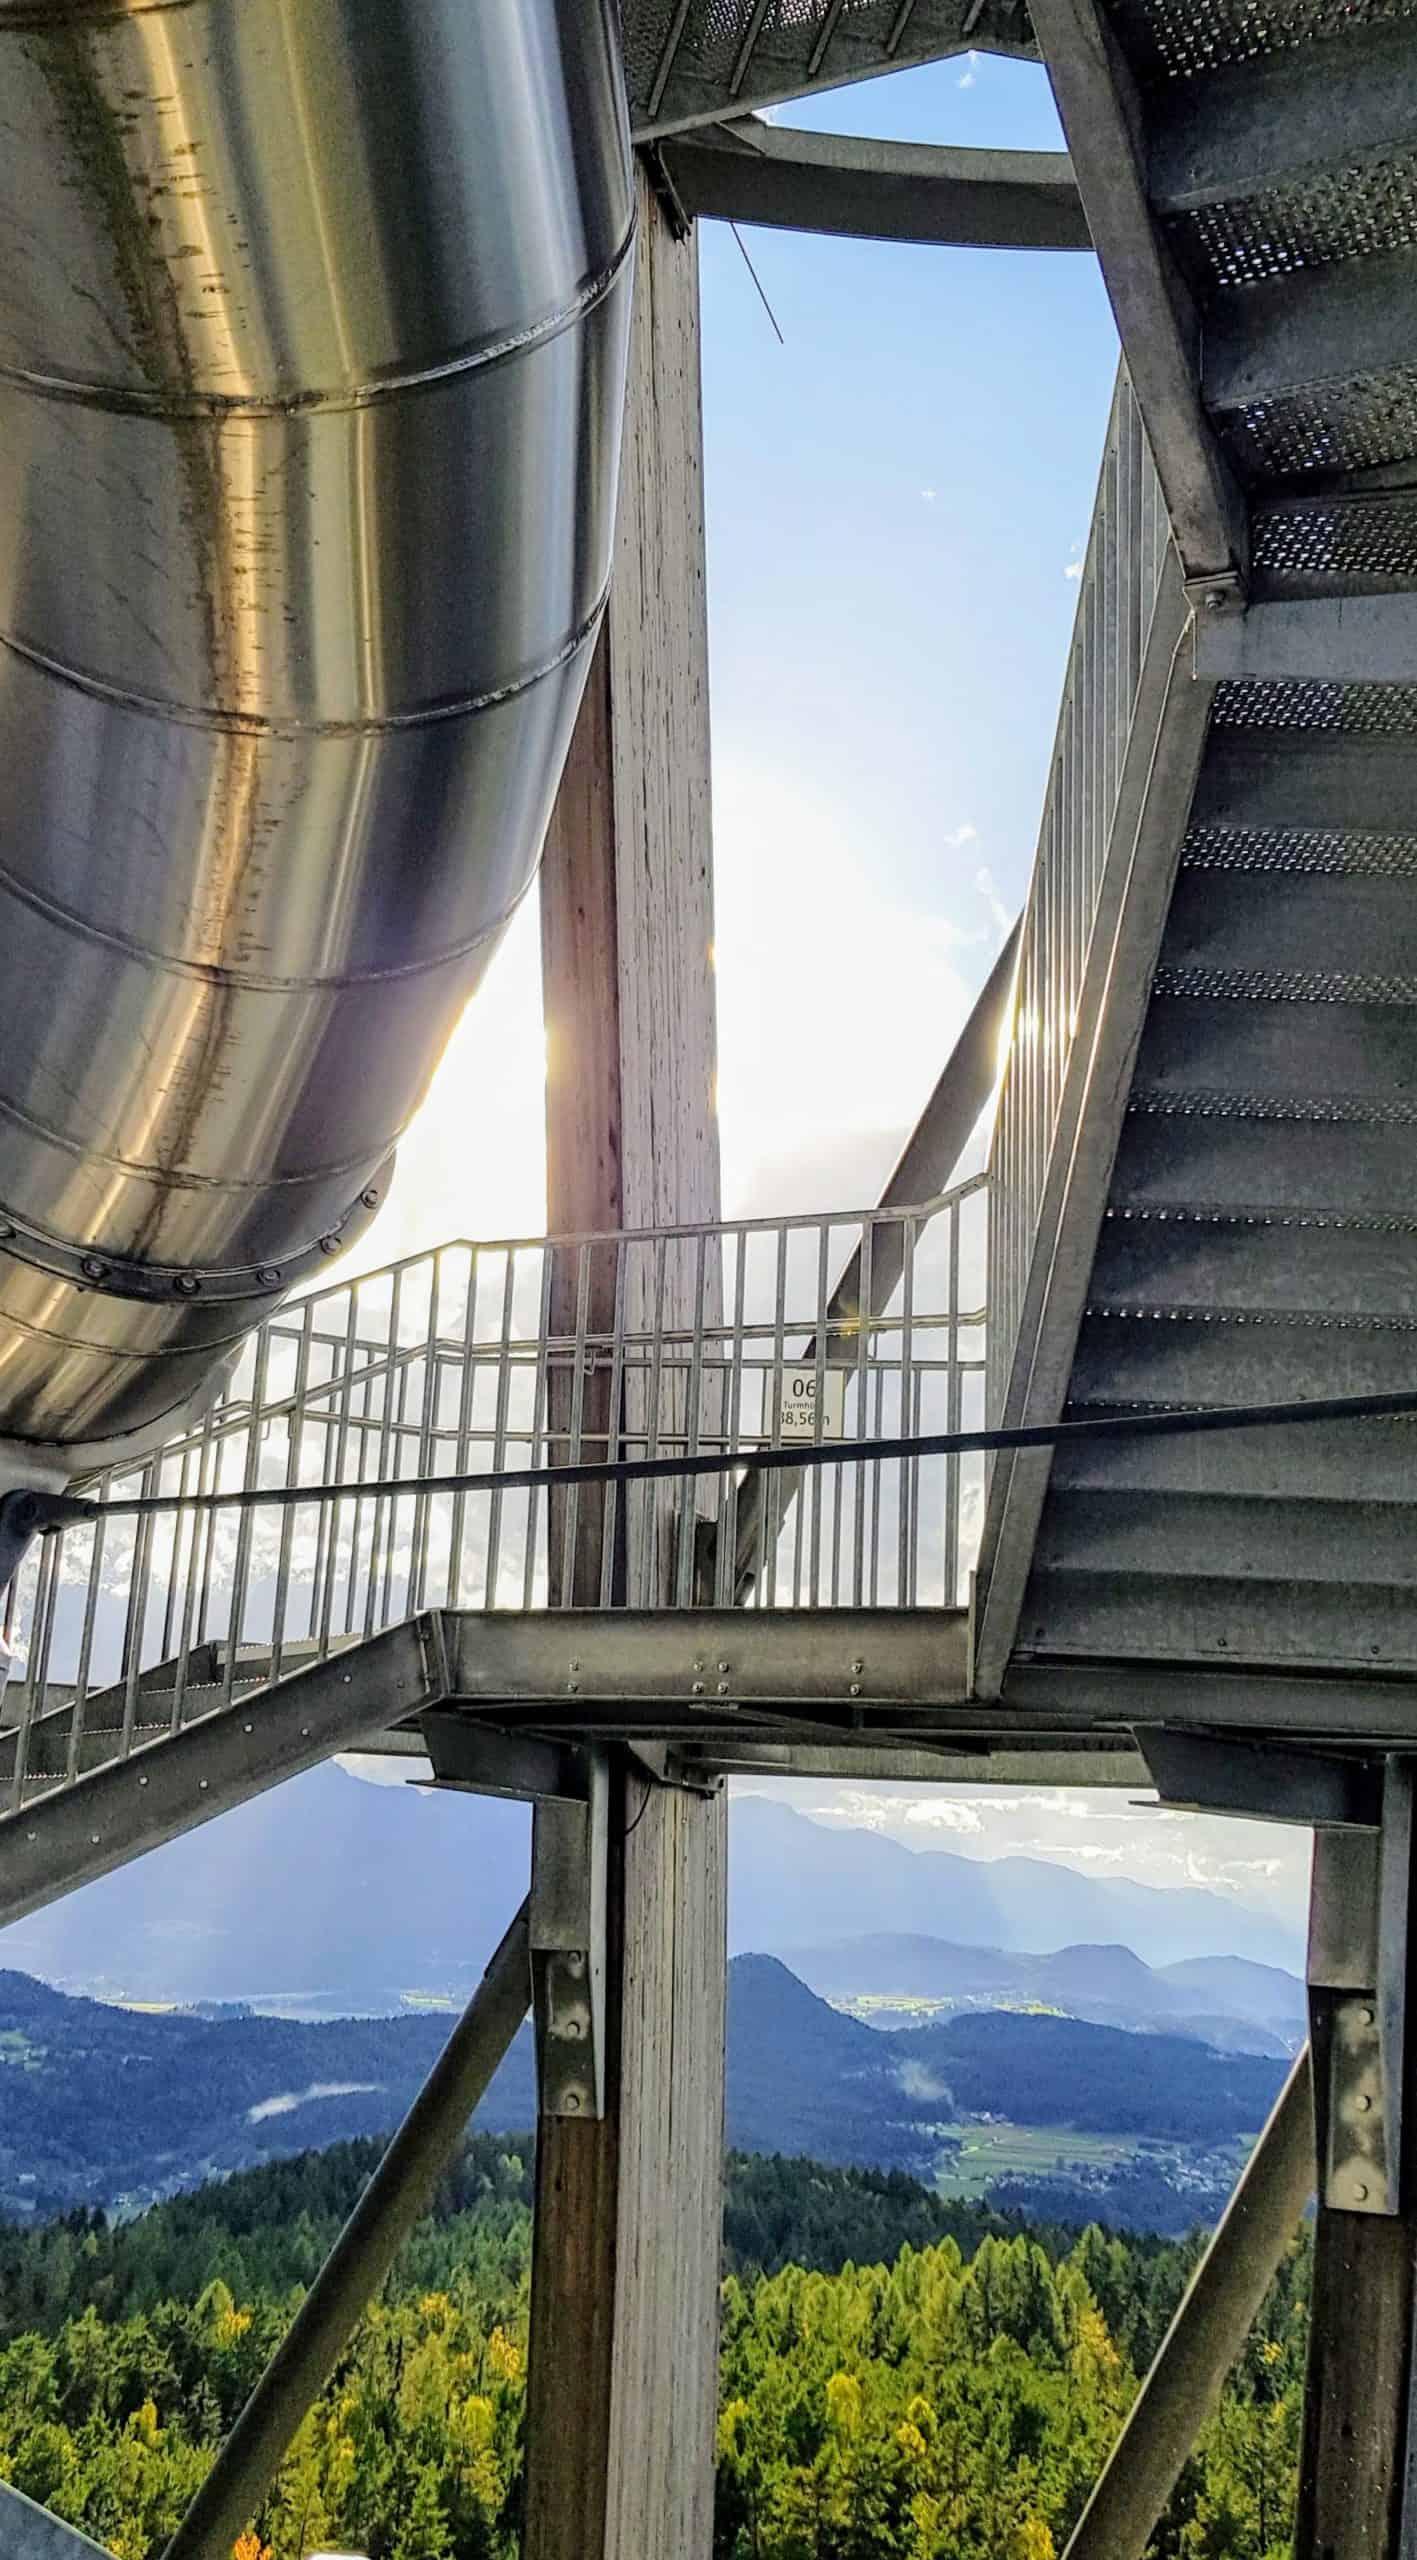 Aufgang Treppe Pyramidenkogel. Holzkonstruktion im Inneren des Ausflugsziels mit Blick auf Kärnten. Sehenswürdigkeit in Österreich.